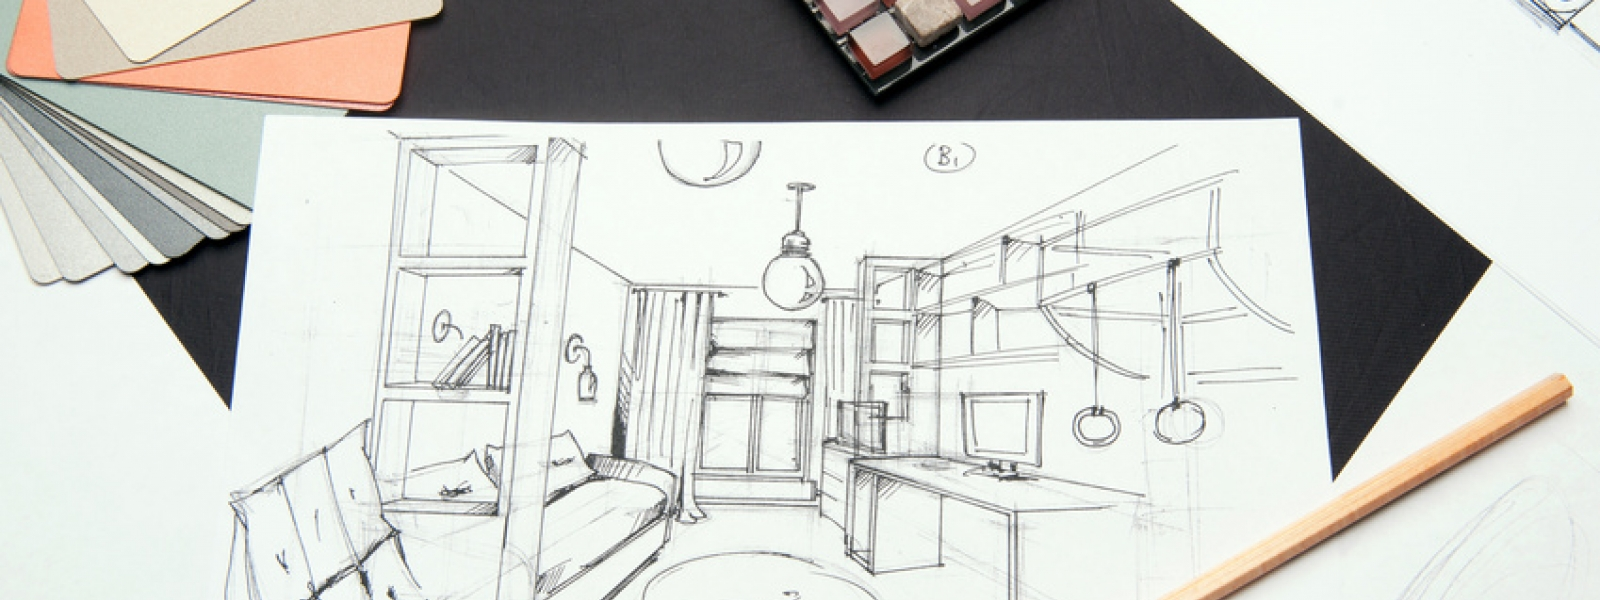 servicii de masurare, proiectare si calculare mobilier la comanda Suceava